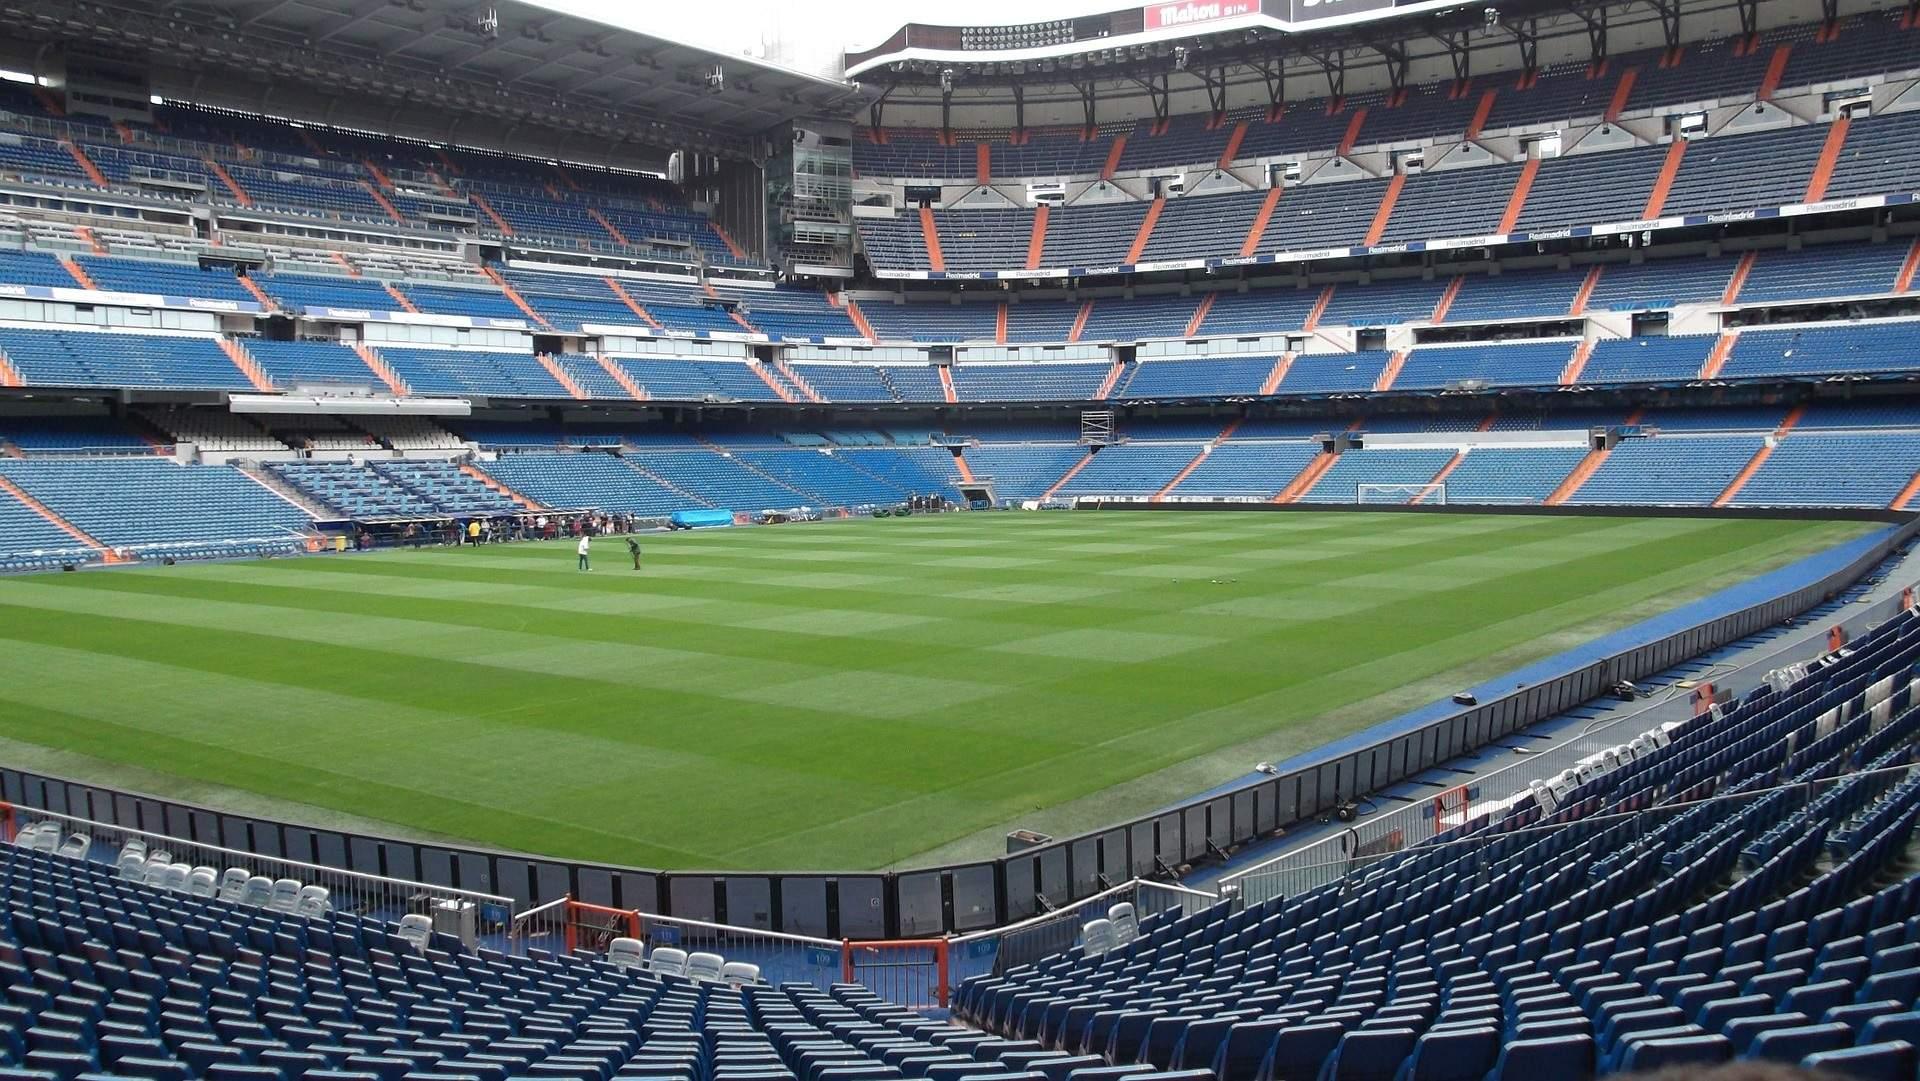 Sacar El Real Macropréstamo Un Para Adelante La Firmará Madrid YbEHIeWD29